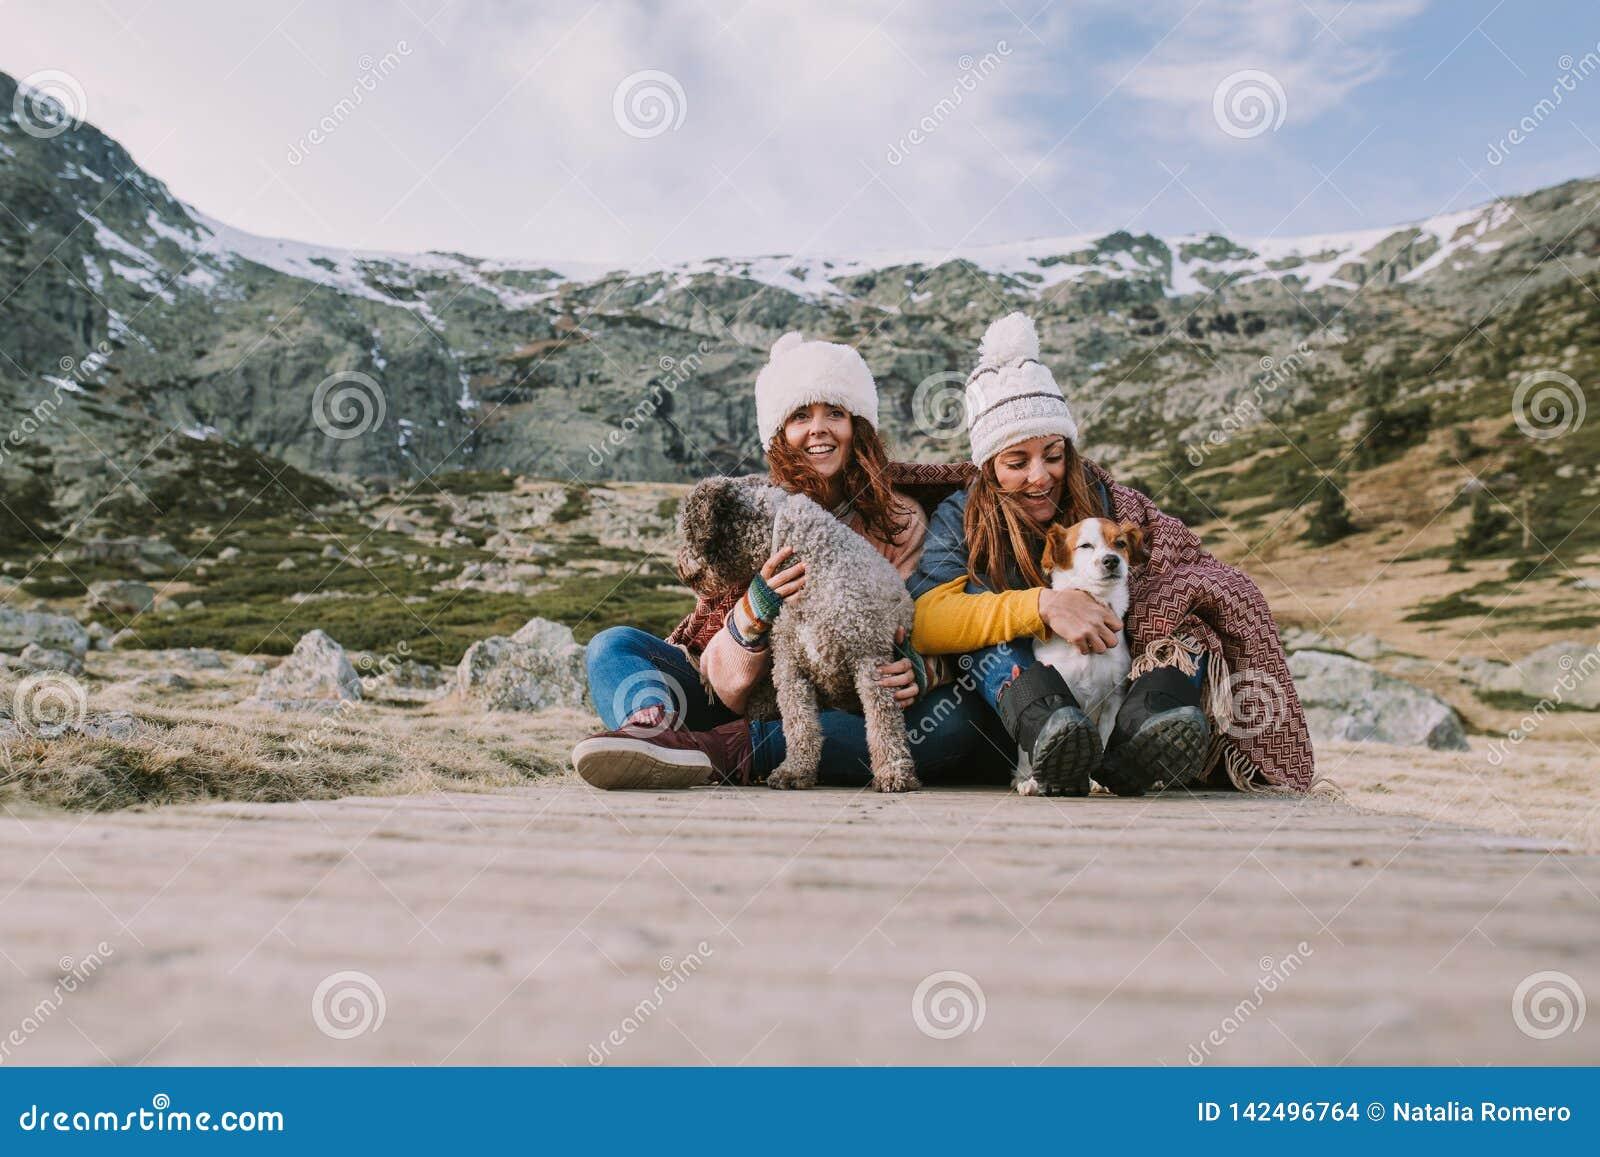 Duas jovens mulheres jogam com seus cães no meio do prado